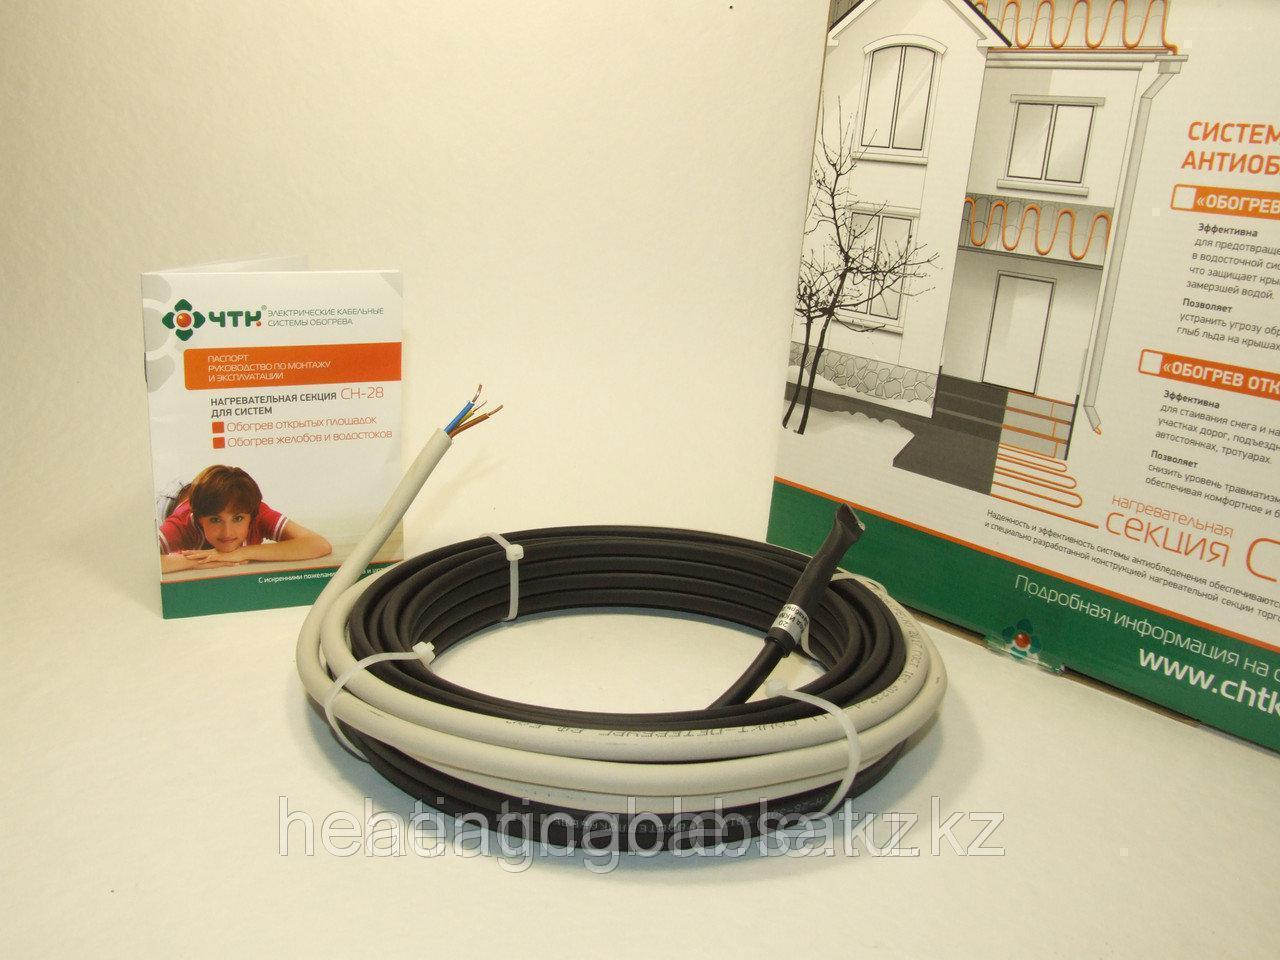 Нагревательный кабель СН-28 54м-1512Вт